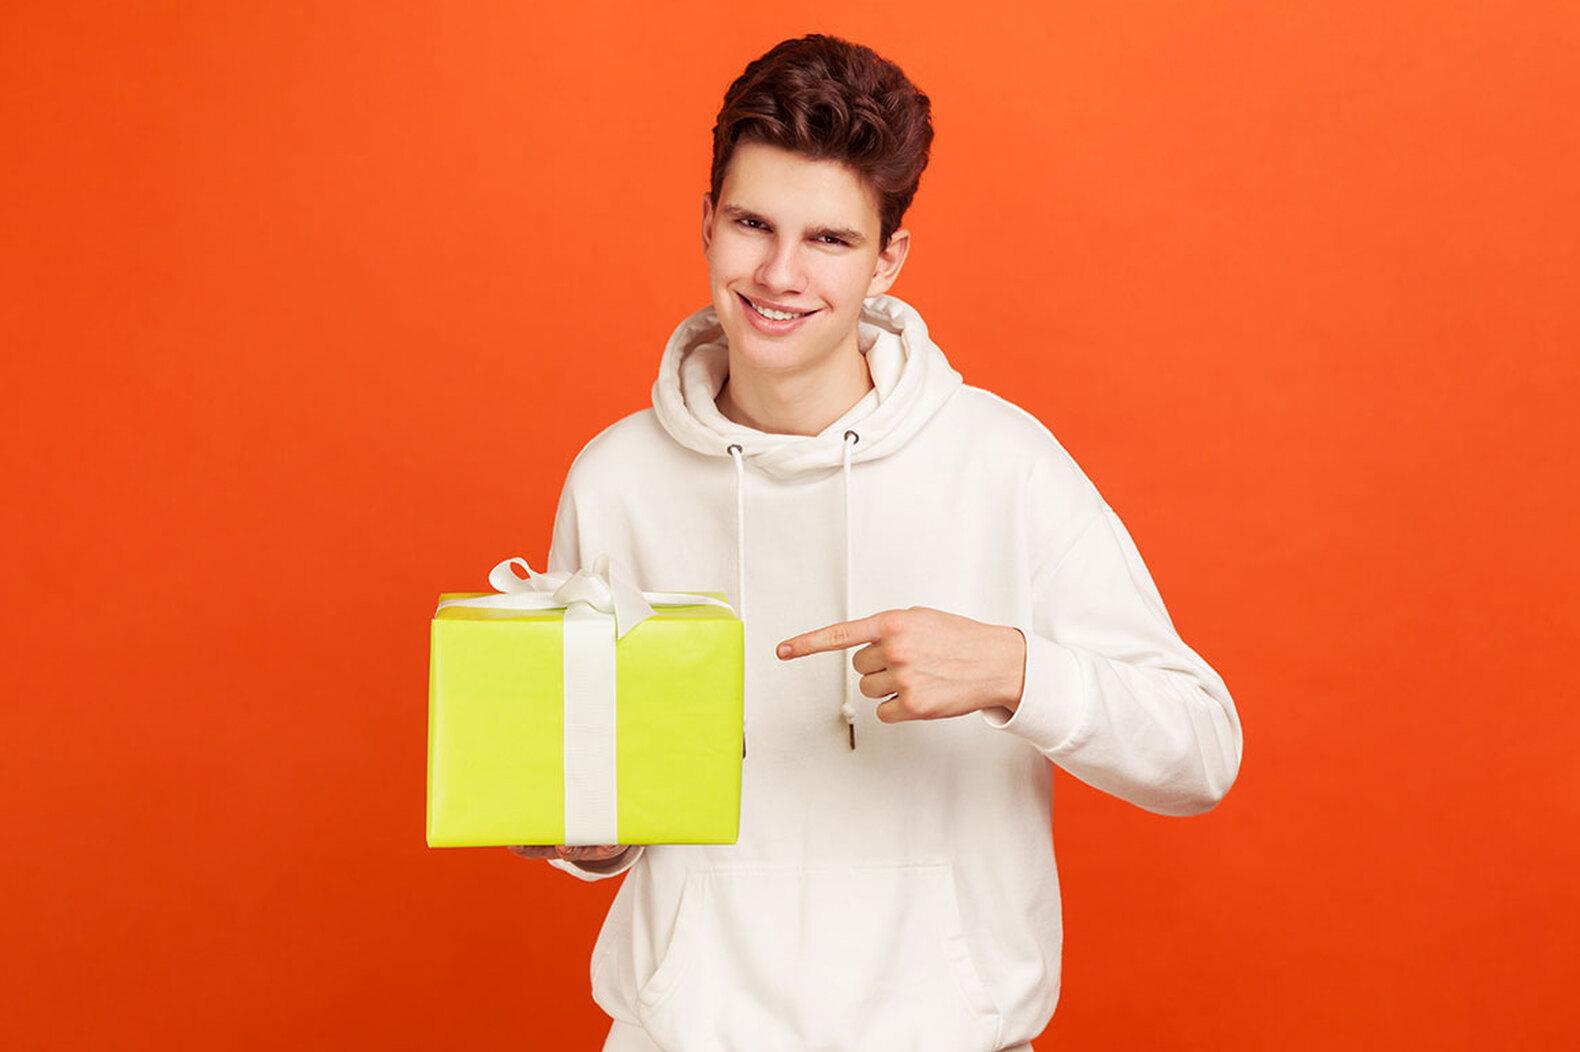 20 классных подарков длямальчика-подростка: наНовый год ивообще